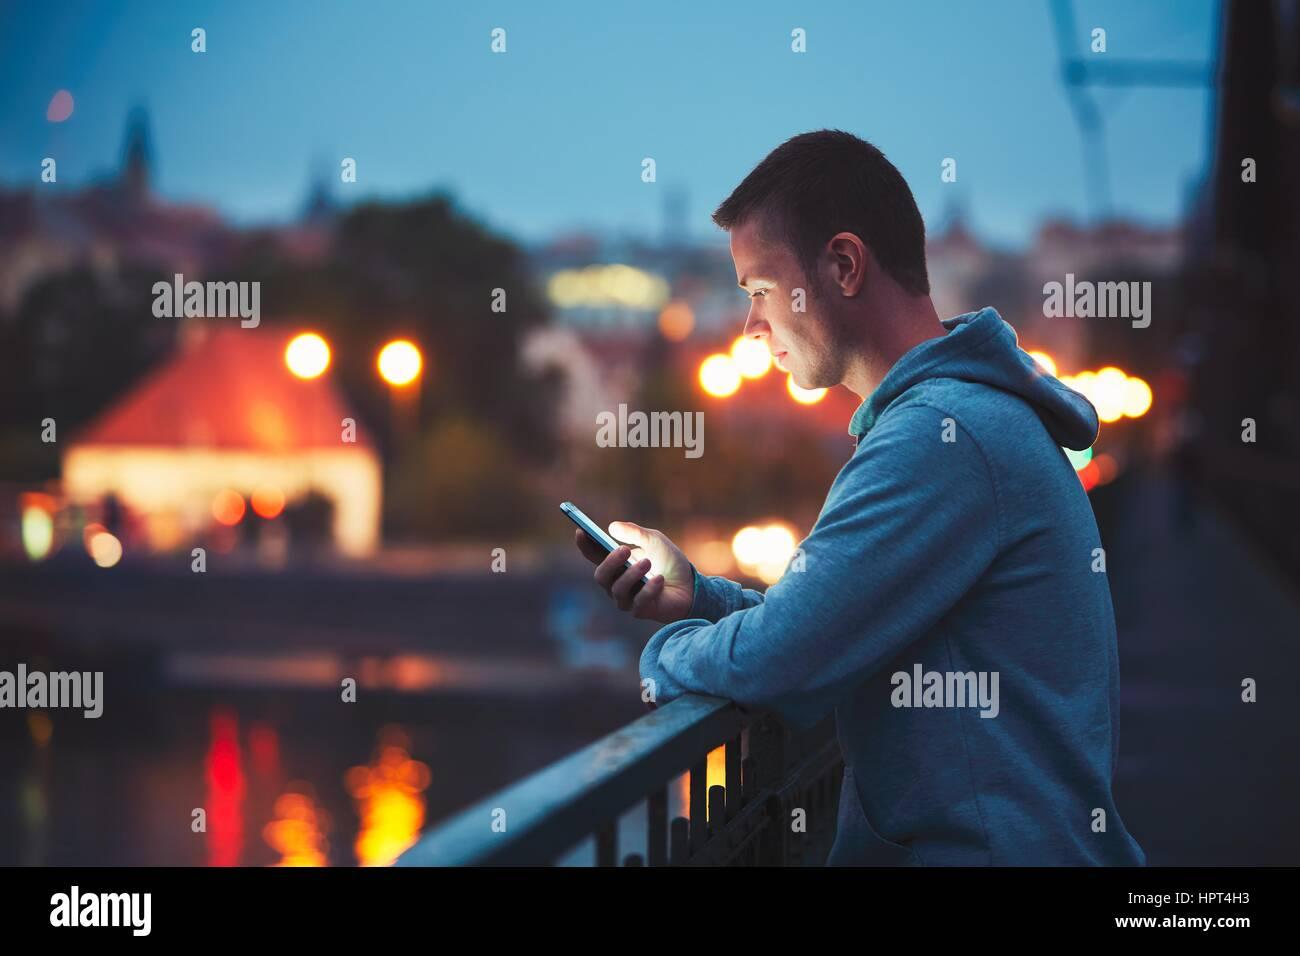 Solo nella notte in città con il telefono cellulare. Bello dreamy uomo messaggio di lettura (o cercando sul Immagini Stock